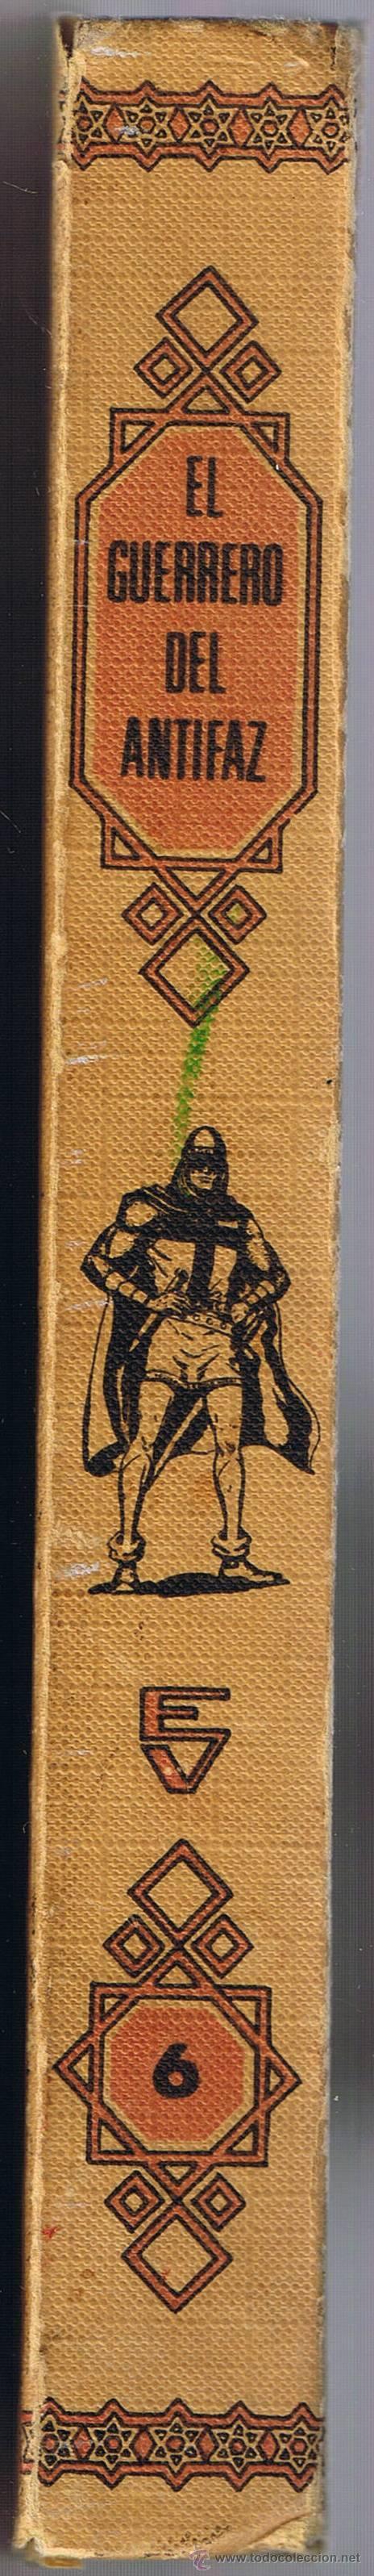 Tebeos: EL GUERRERO DEL ANTIFAZ - TOMOS 1 - 2 - 3 - 4 - 5 - 6 - EDIT VALENCIANA - 1972 - - Foto 28 - 42932207